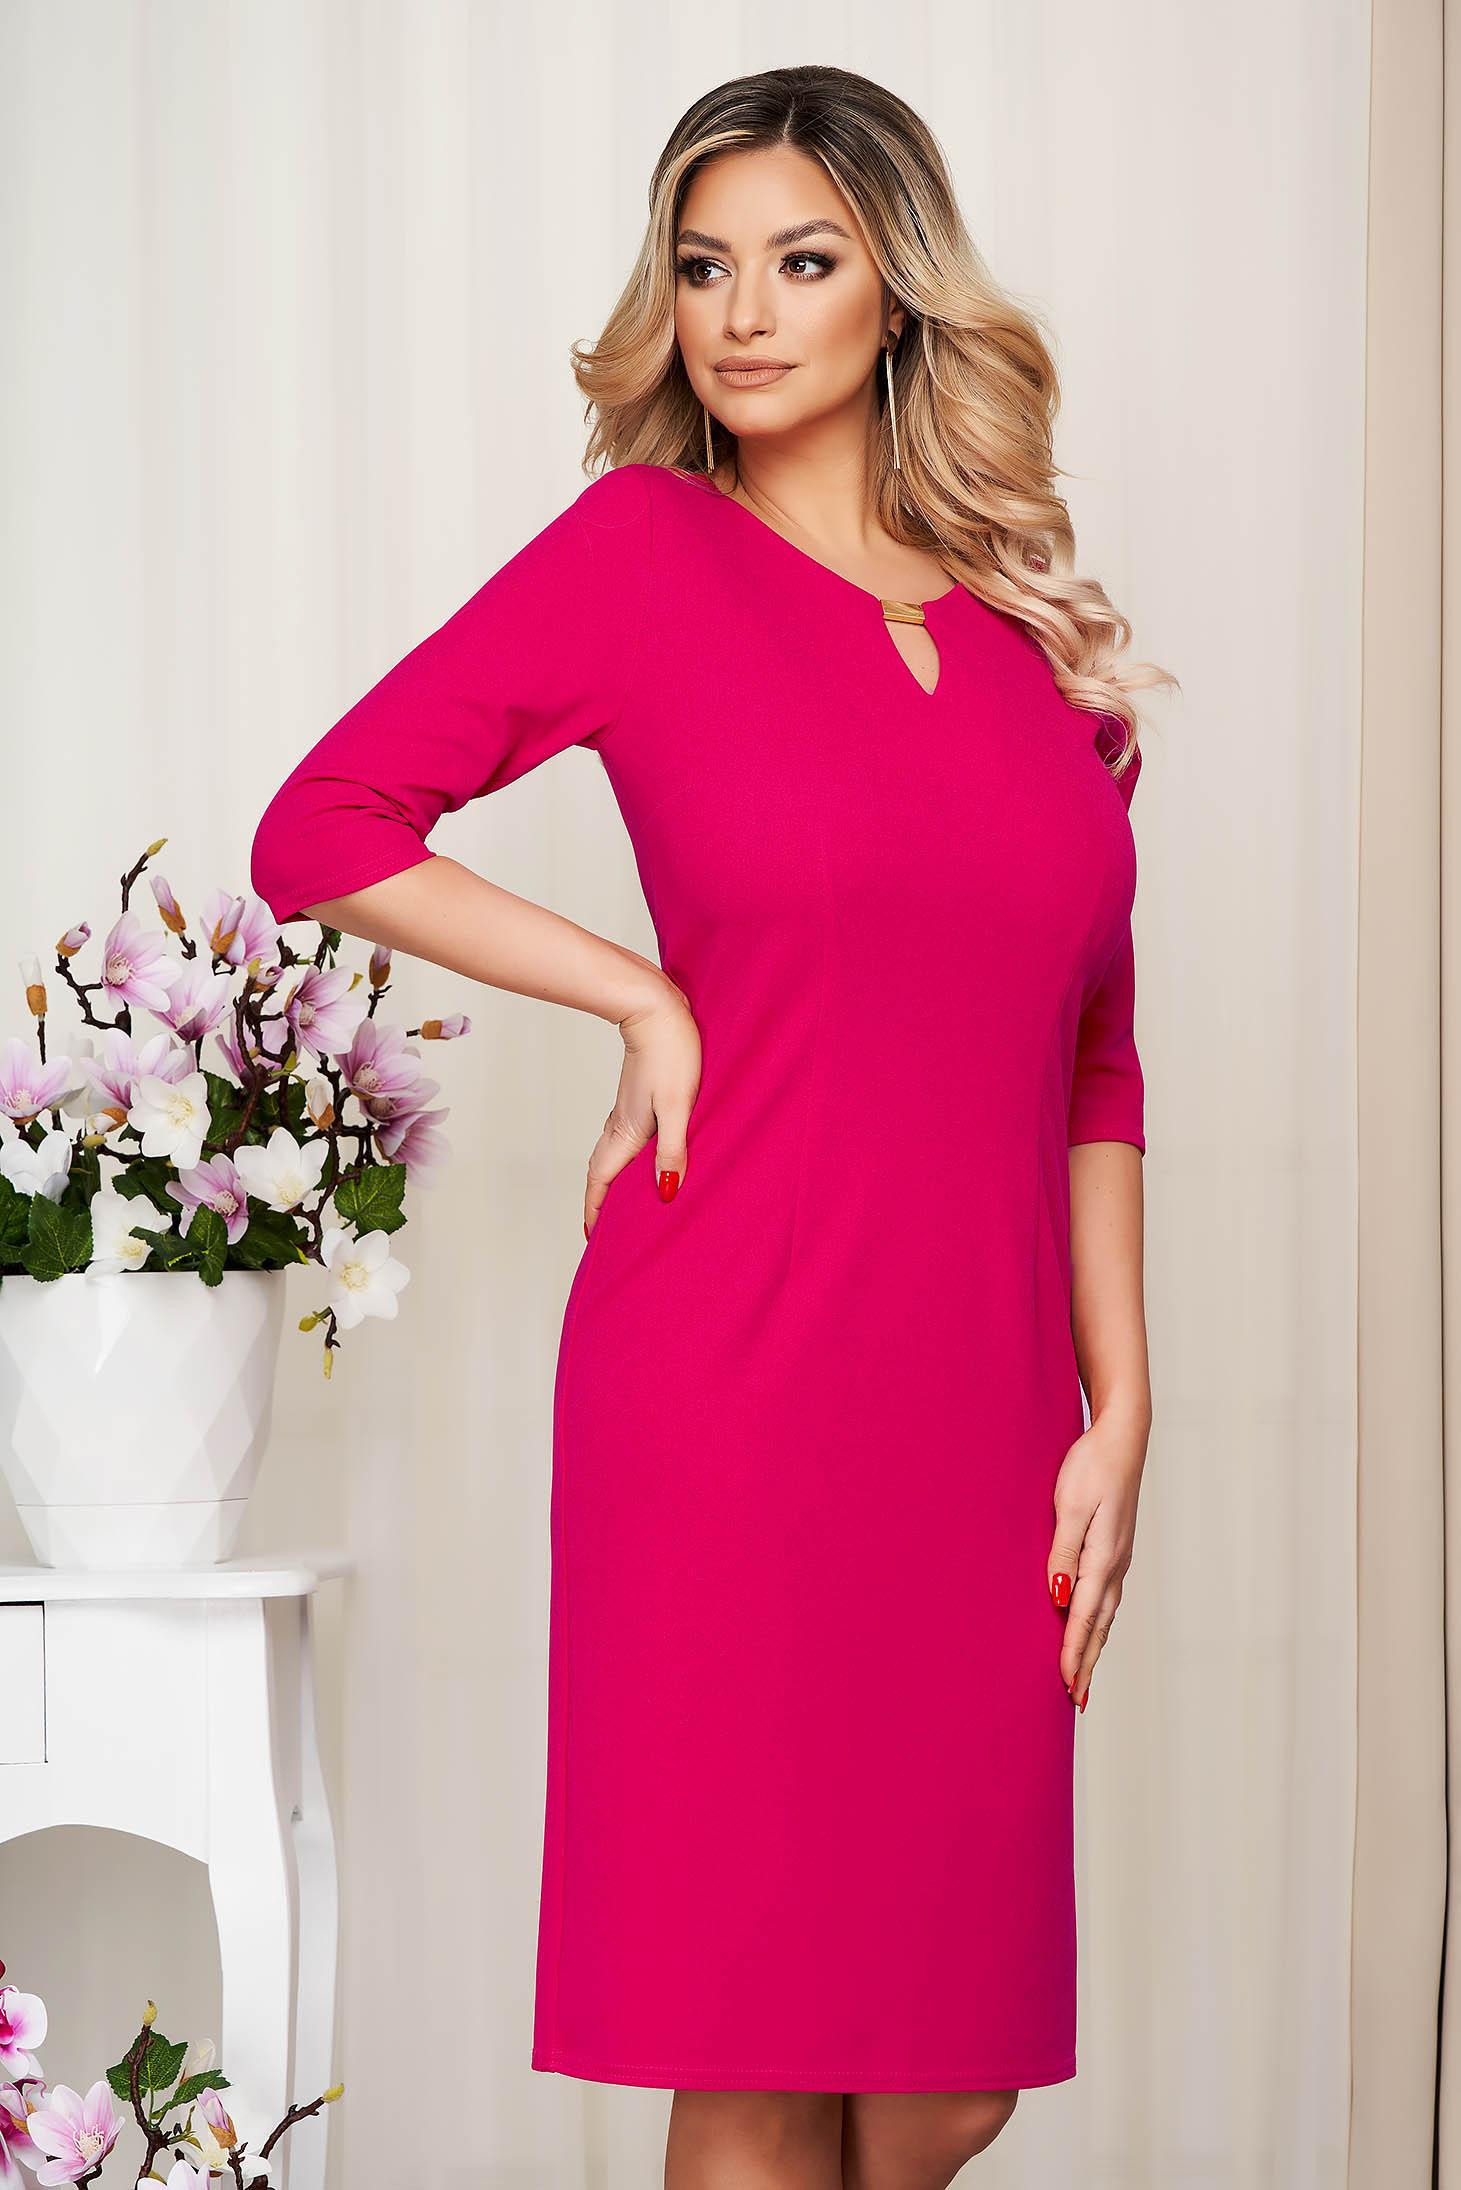 Rochie StarShinerS roz office scurta cu un croi drept cu accesoriu metalic